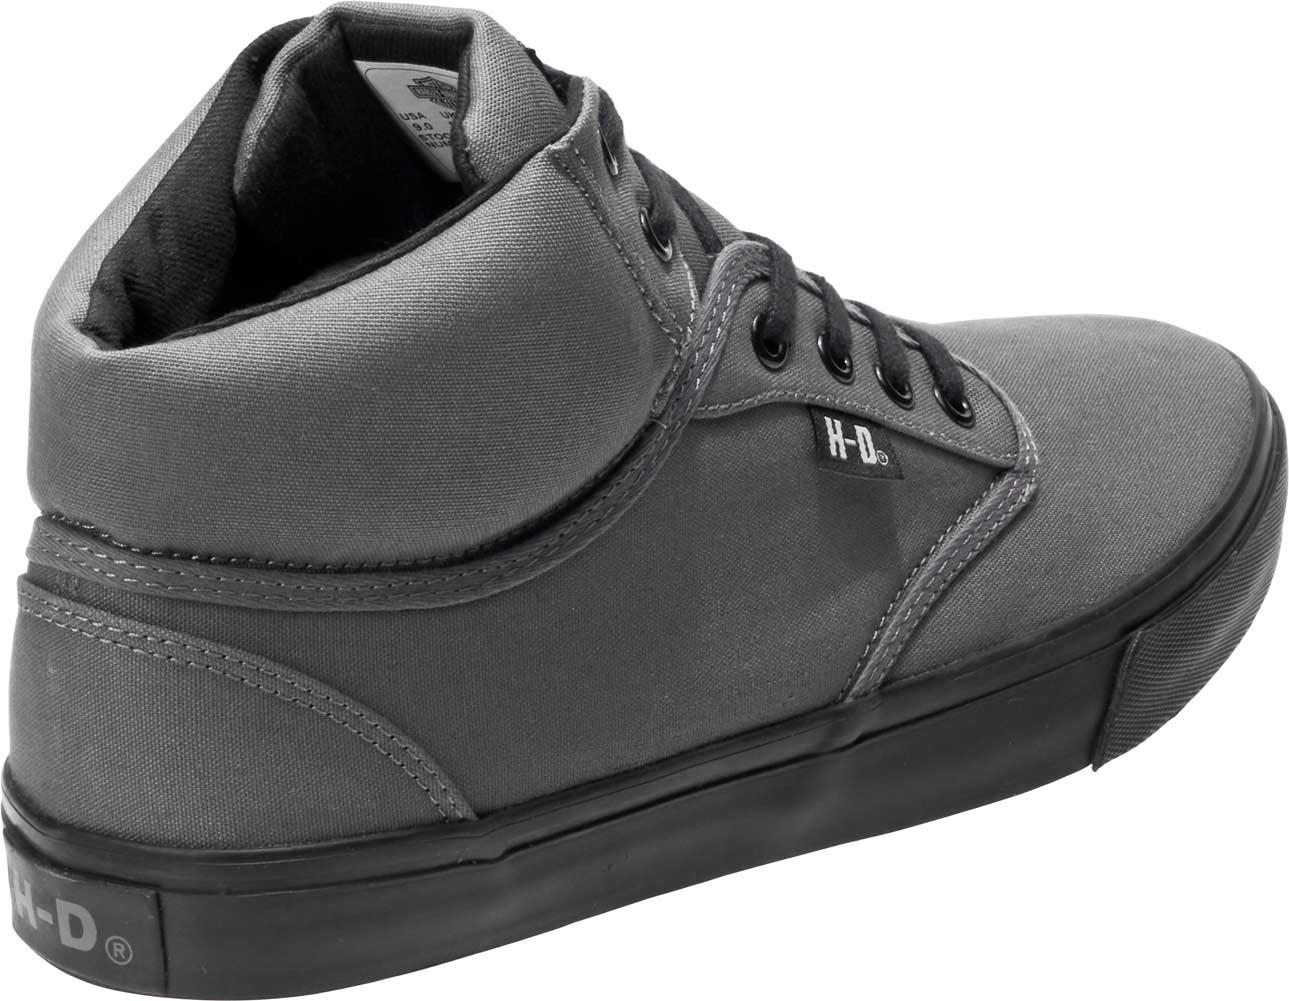 Hommes Harley-Davidson wrenford Chaussures De Loisirs D93544 noir toile 100/% Authentique Neuf